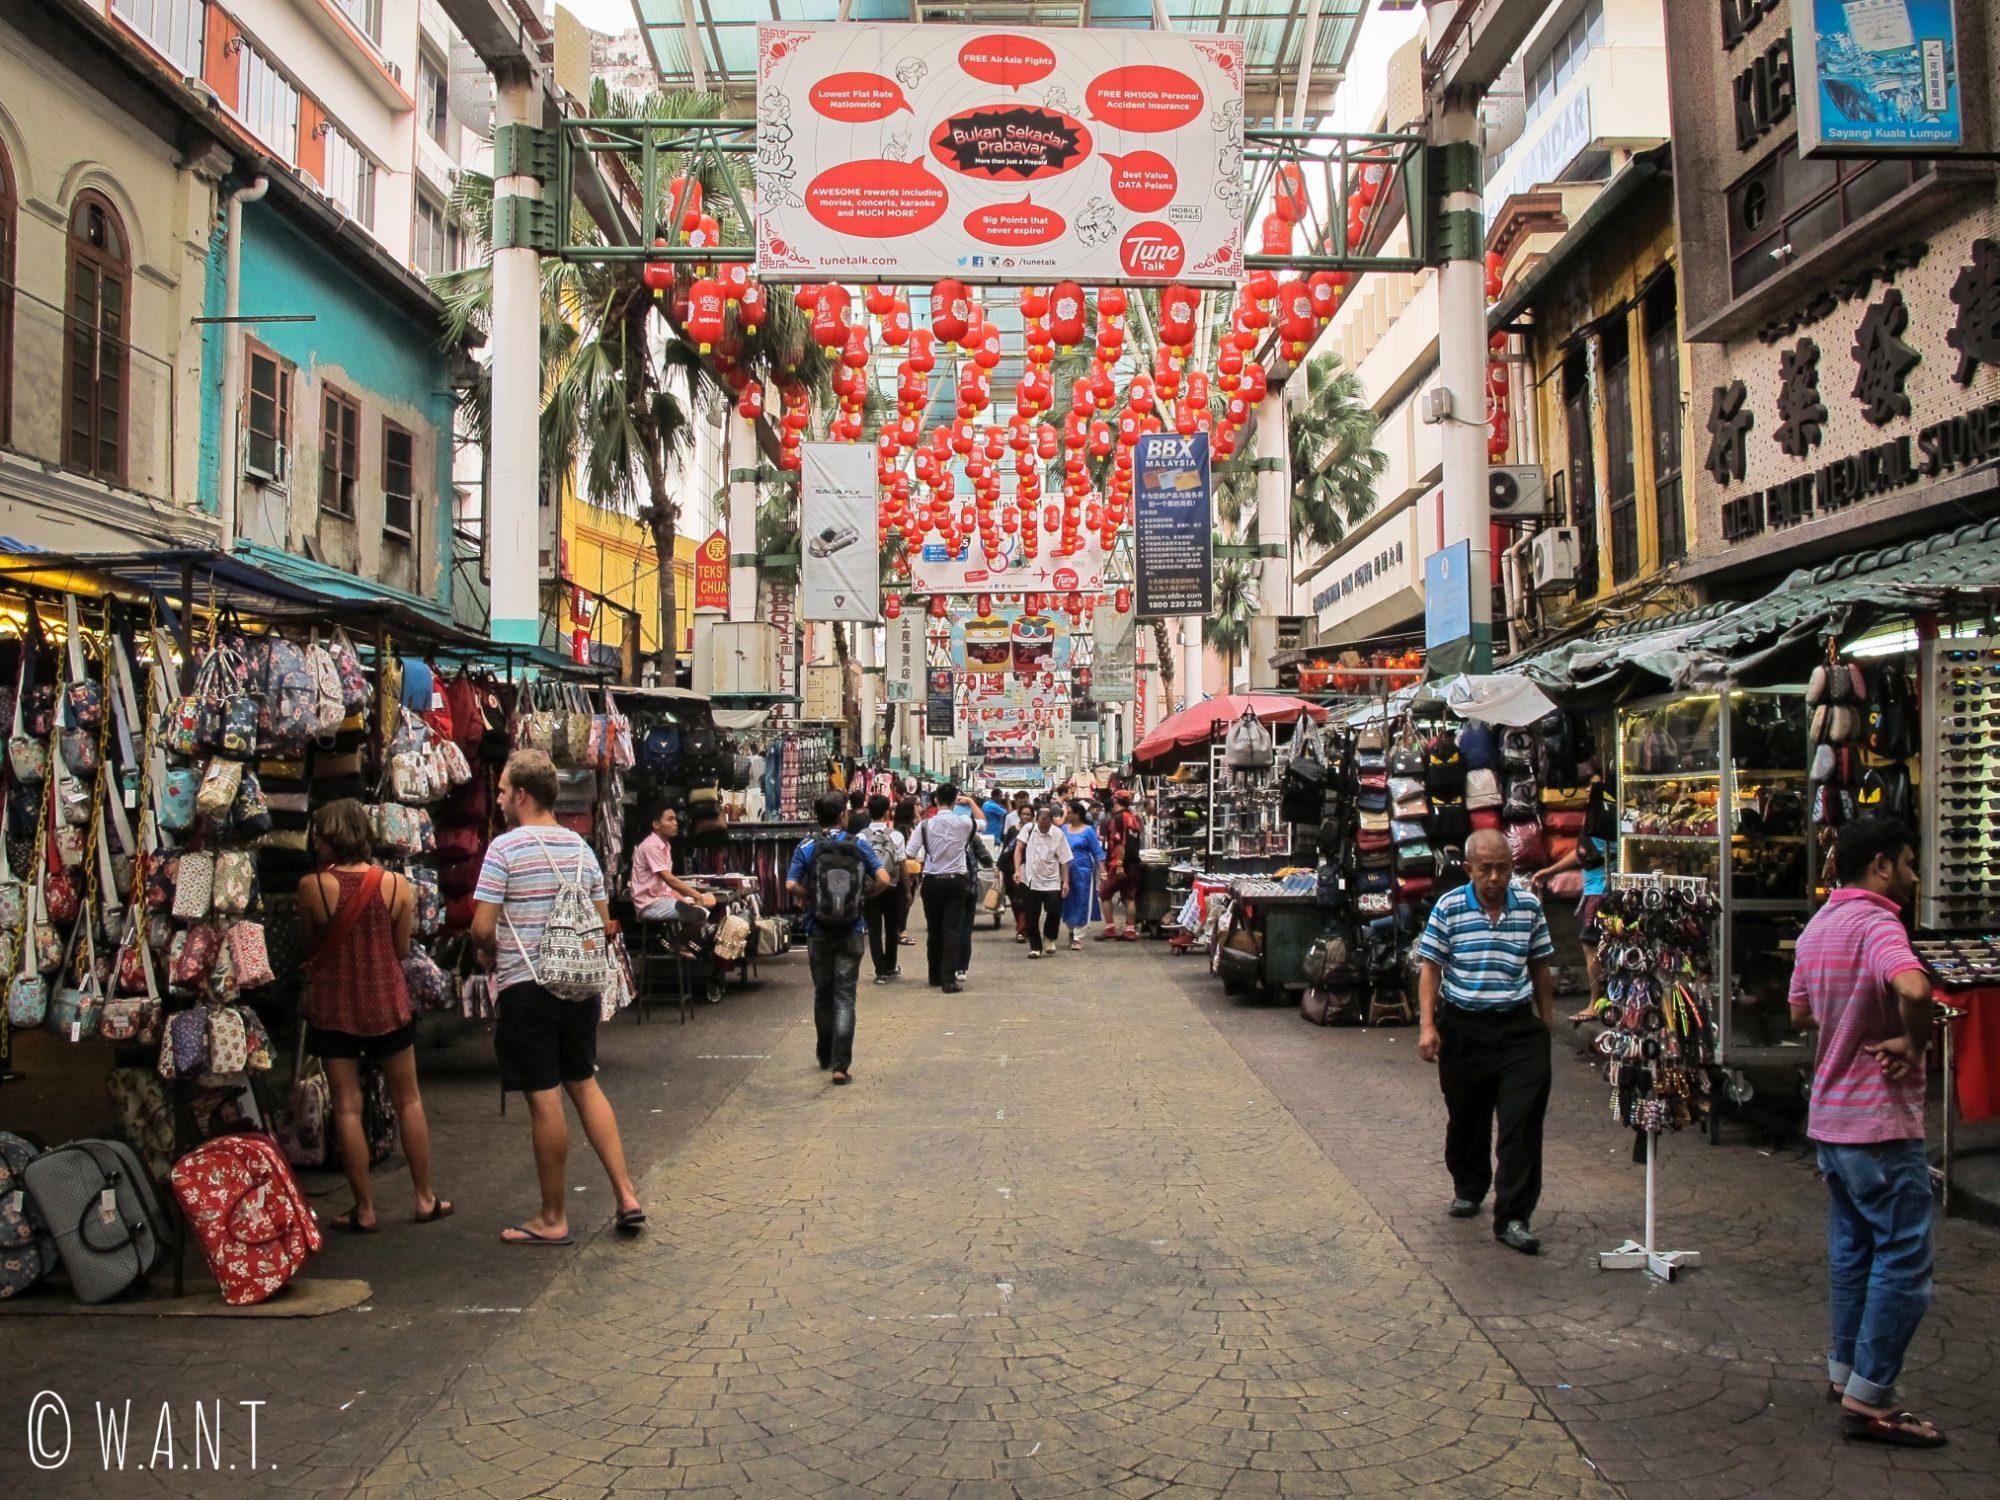 Le quartier de Chinatown de Kuala Lumpur s'organise autour de la rue Petaling Street